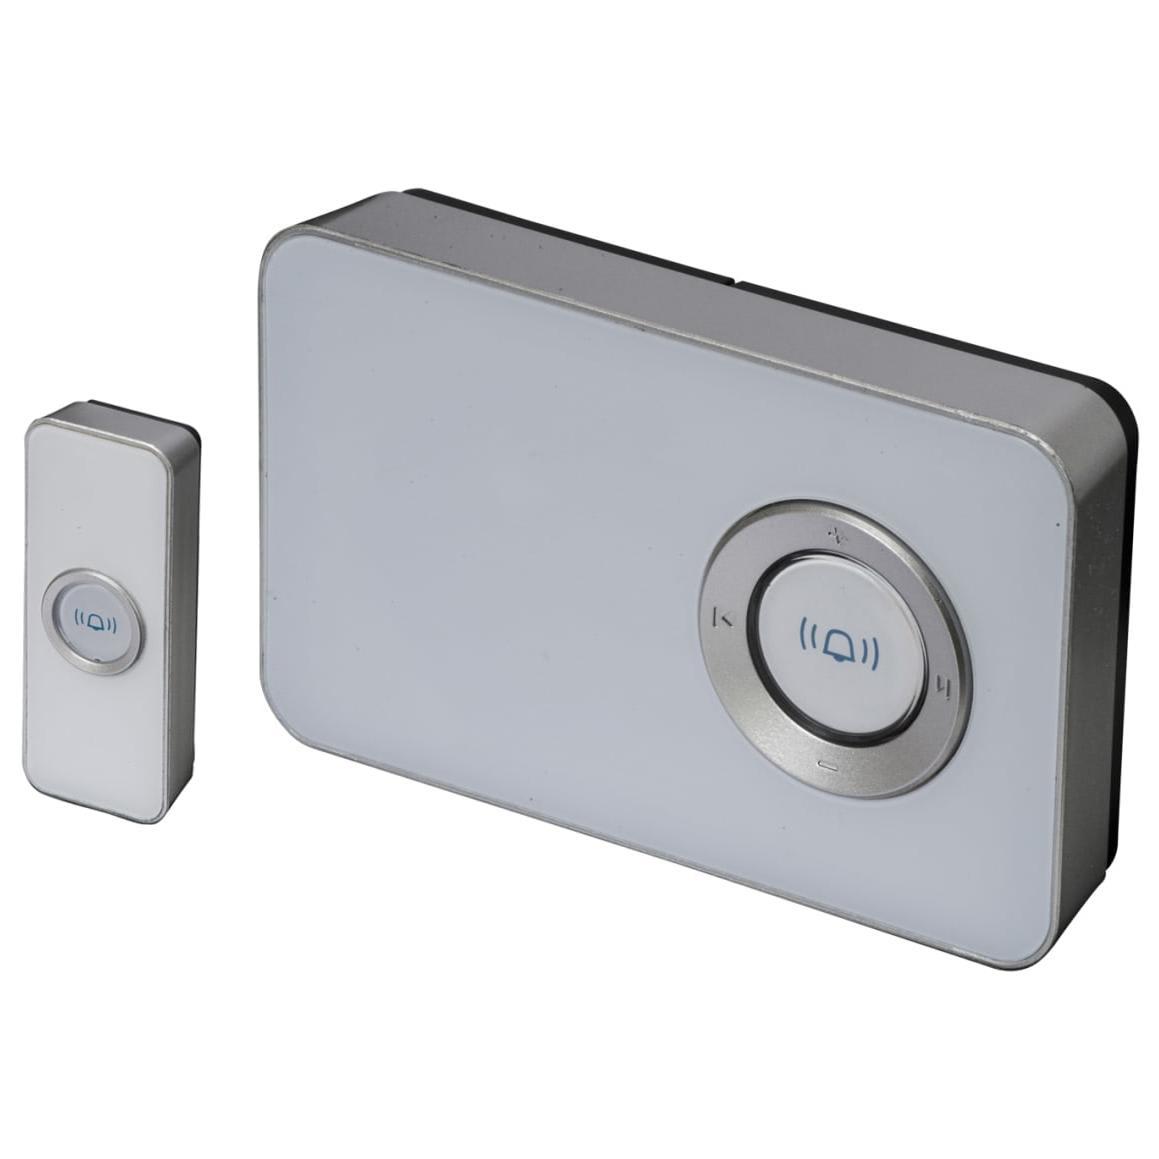 Dekorativ trådlös dörrklocka